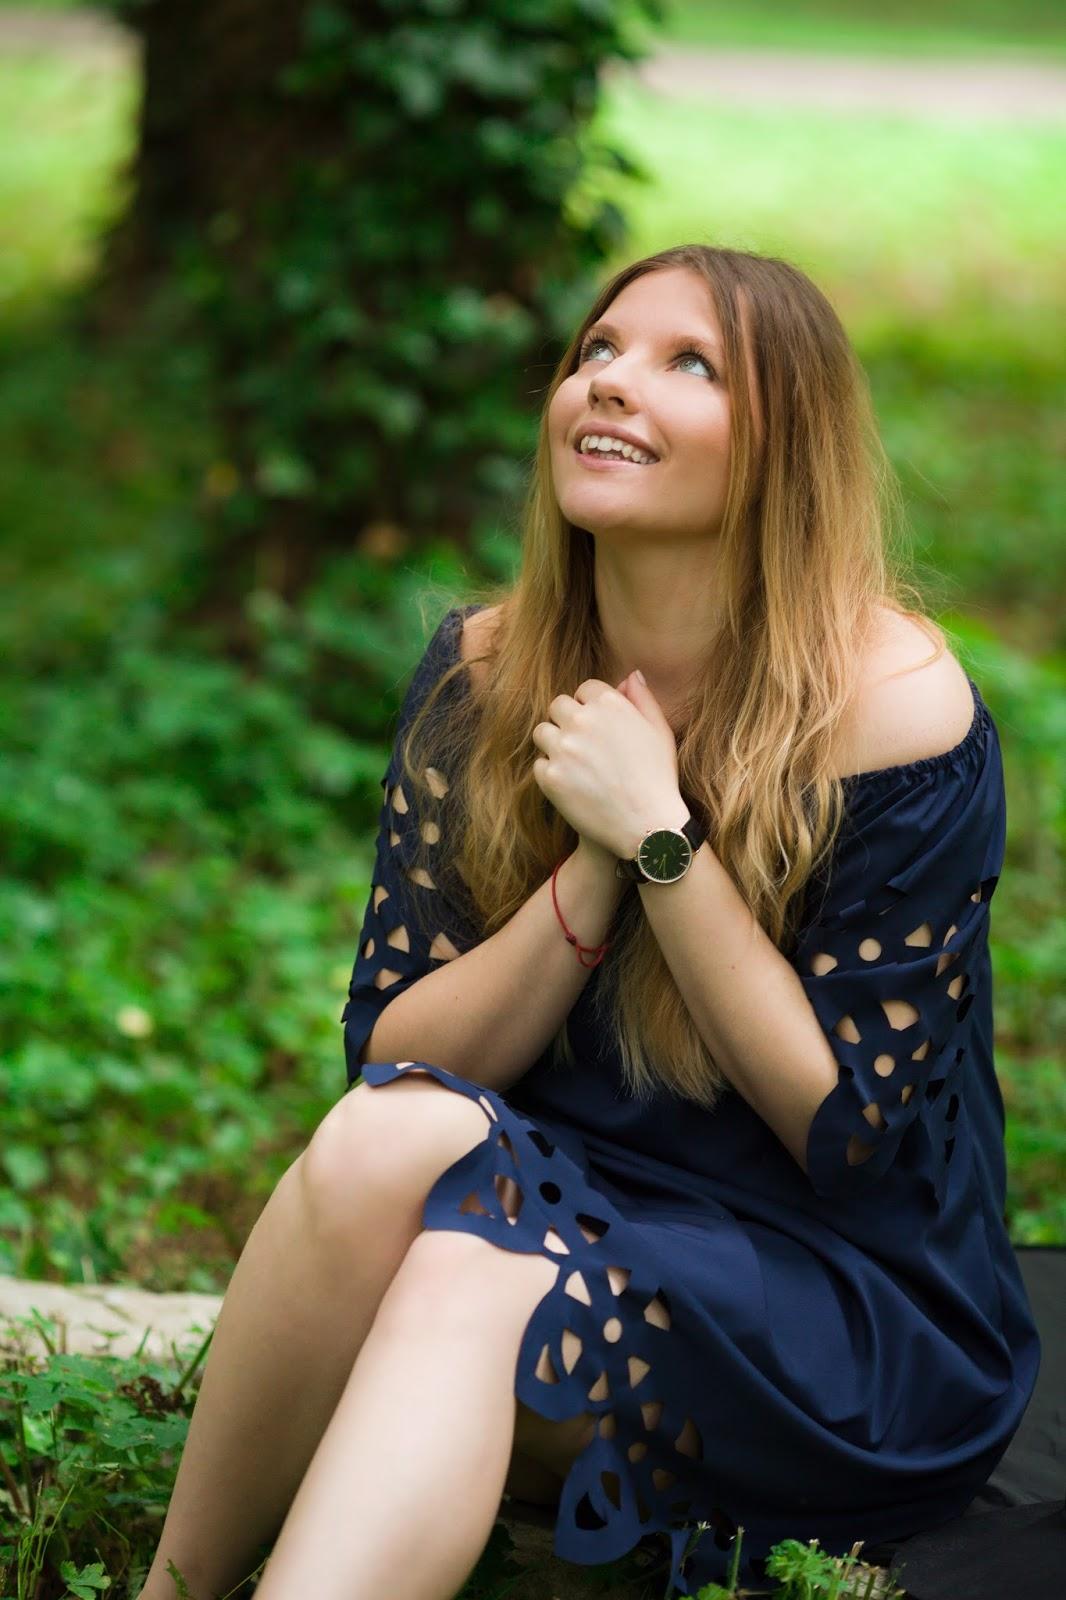 10 Off The Shoulder Flared Dress zaful paul rich watch hat sukienka zaful opinie recenzja buty łuków ażurowa hiszpanka granatowa baletki zegarek ootd lookbook fashionblogger blog modowy lifestyle